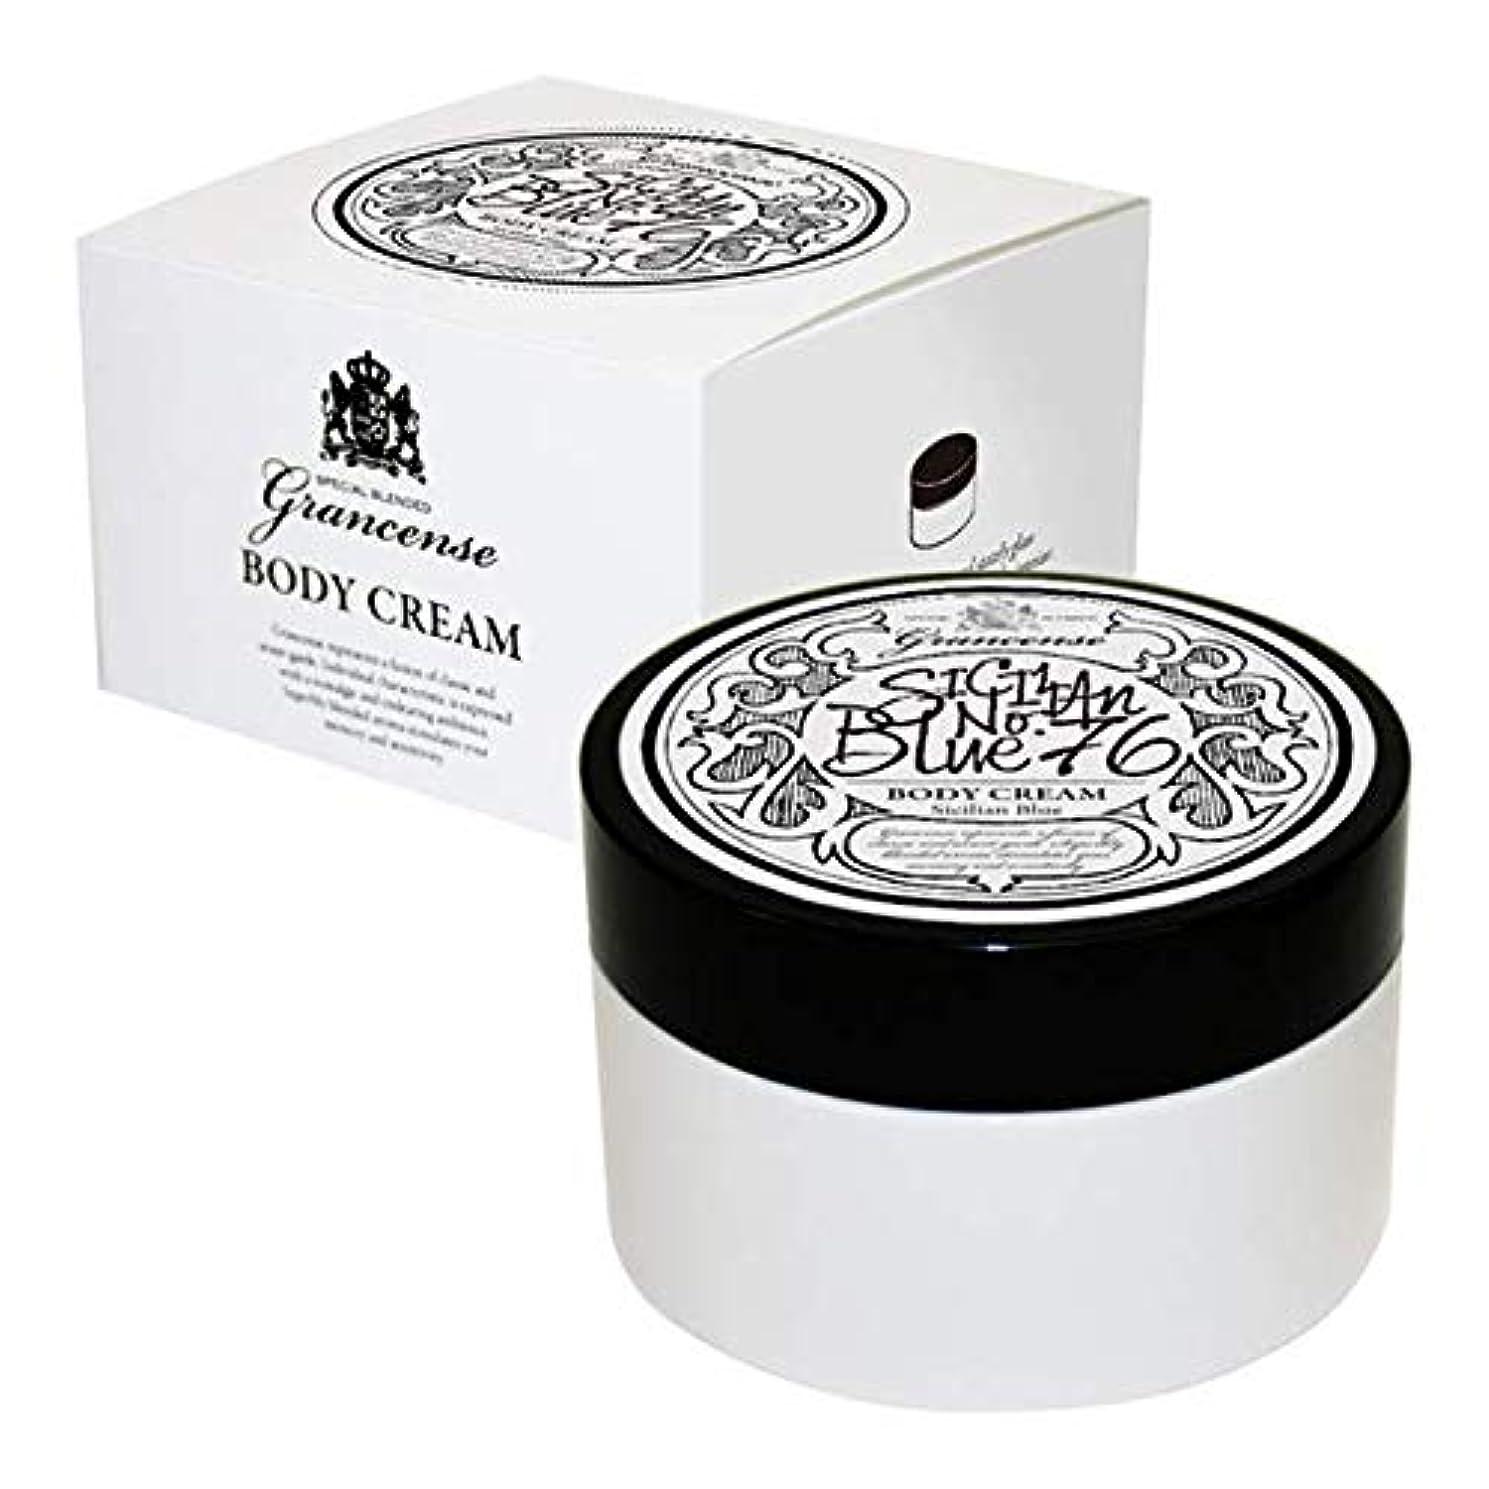 反乱スリチンモイ折るグランセンス ボディークリーム シチリアンブルー 100g (保湿クリーム ユニセックス 日本製 オーガニック植物エキス配合)